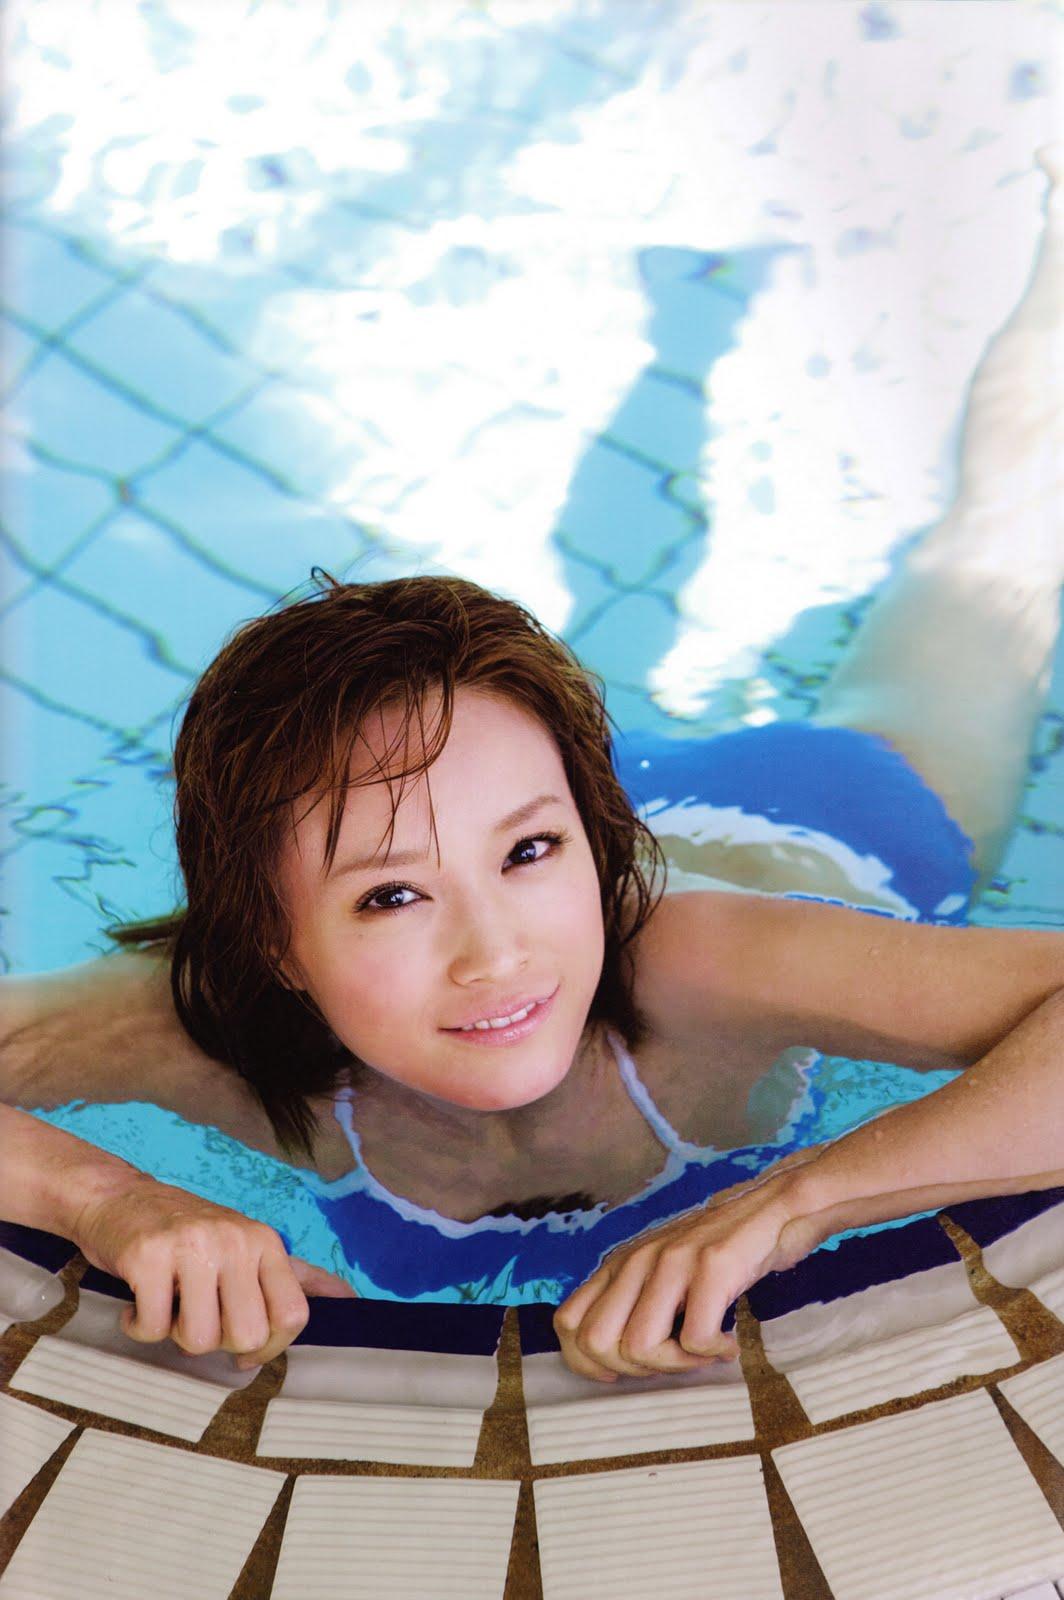 http://3.bp.blogspot.com/_hJVox6-vy_4/TR6nsZN97KI/AAAAAAAADnc/QCCrshhKuKM/s1600/Kamei%2BEri%2Bin%2Bgym%2Band%2Bswimming%2Bpool09.jpg